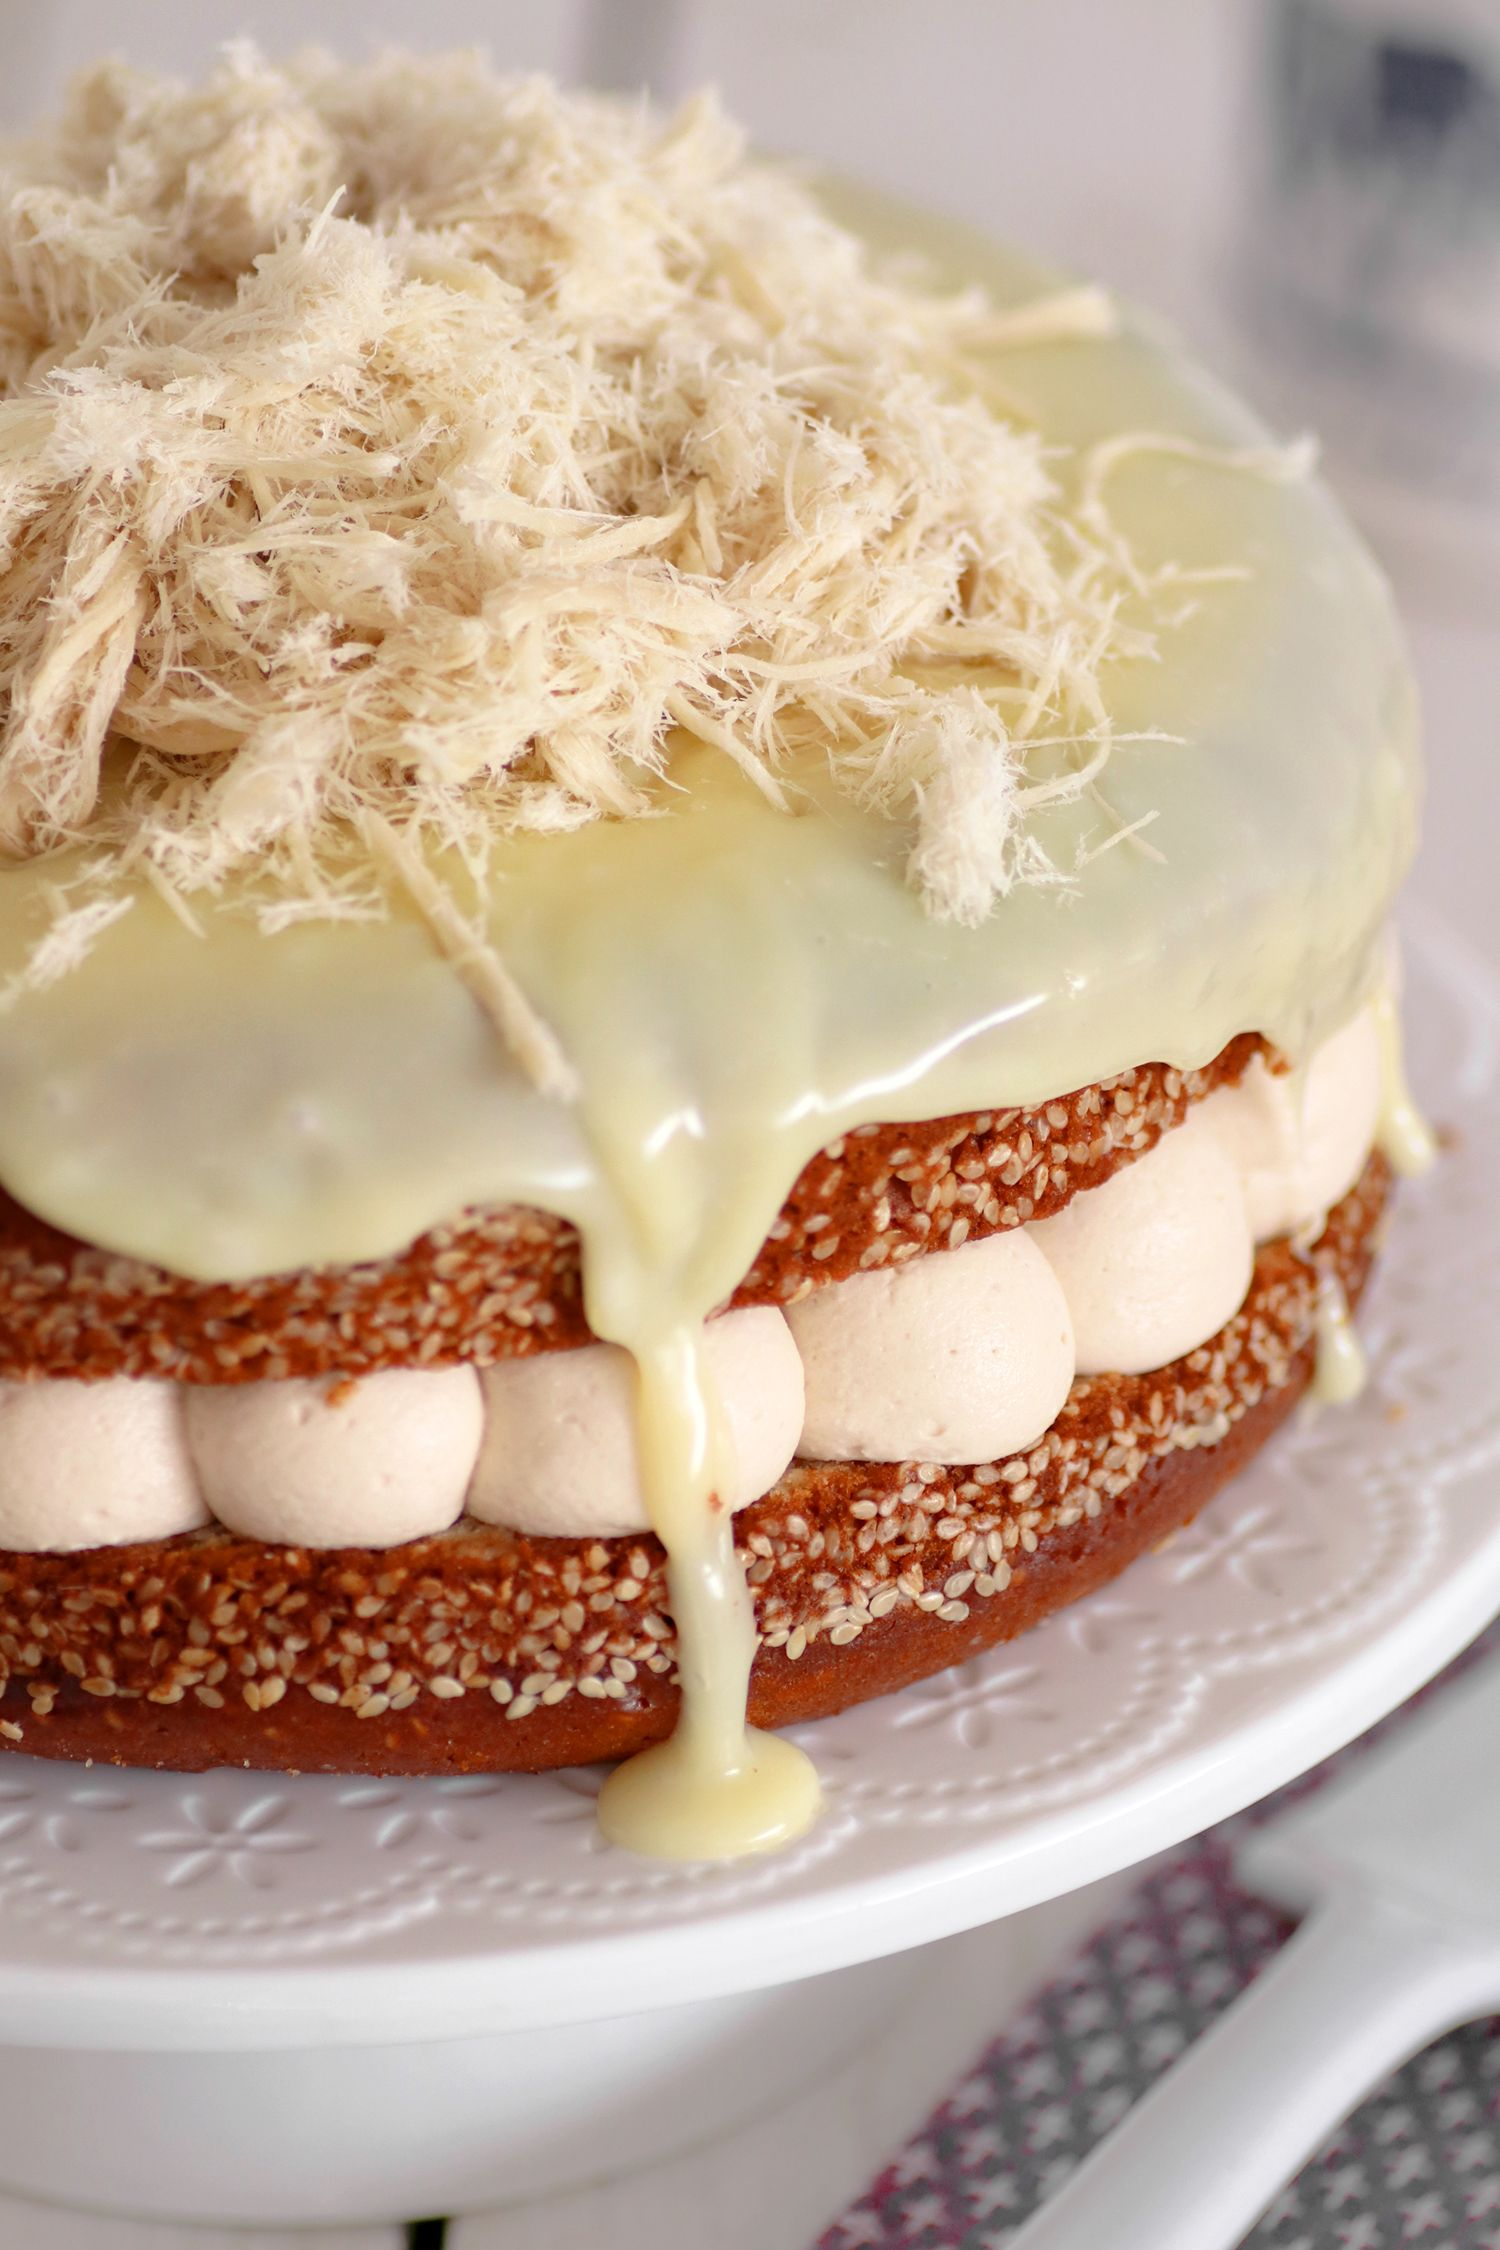 עוגת מסקרפונה, קפה וחלבה